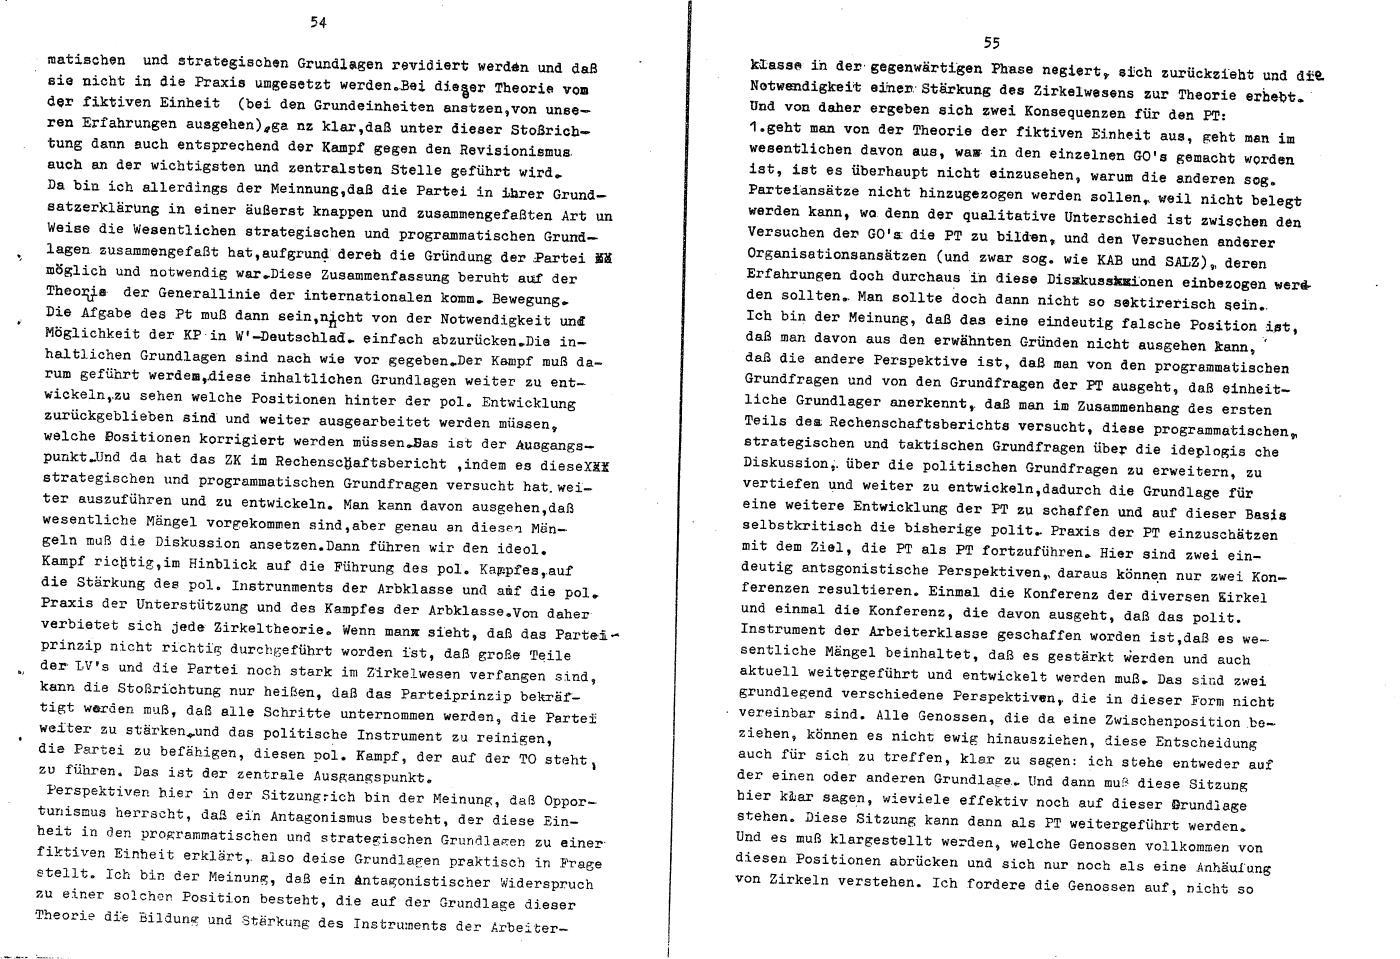 KPDML_1971_Wortprotokolle_aoPt_016